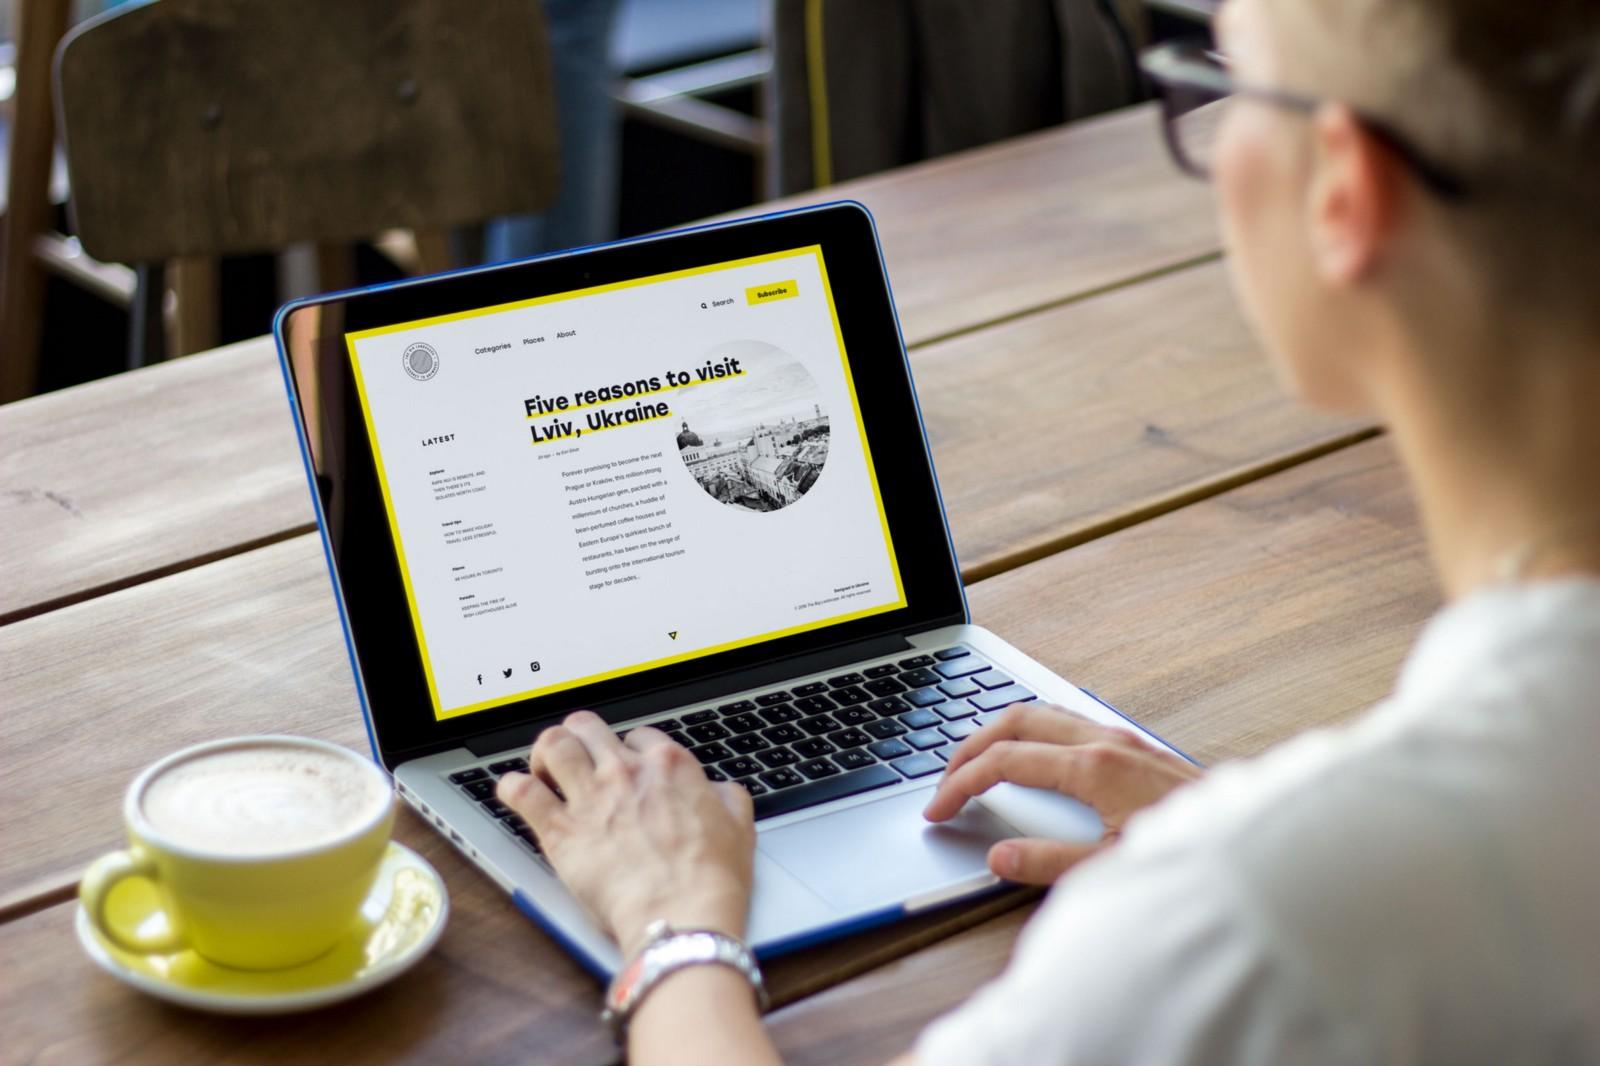 یک برگر ویژه: طراحی UI با سس محتوا (قسمت اول)